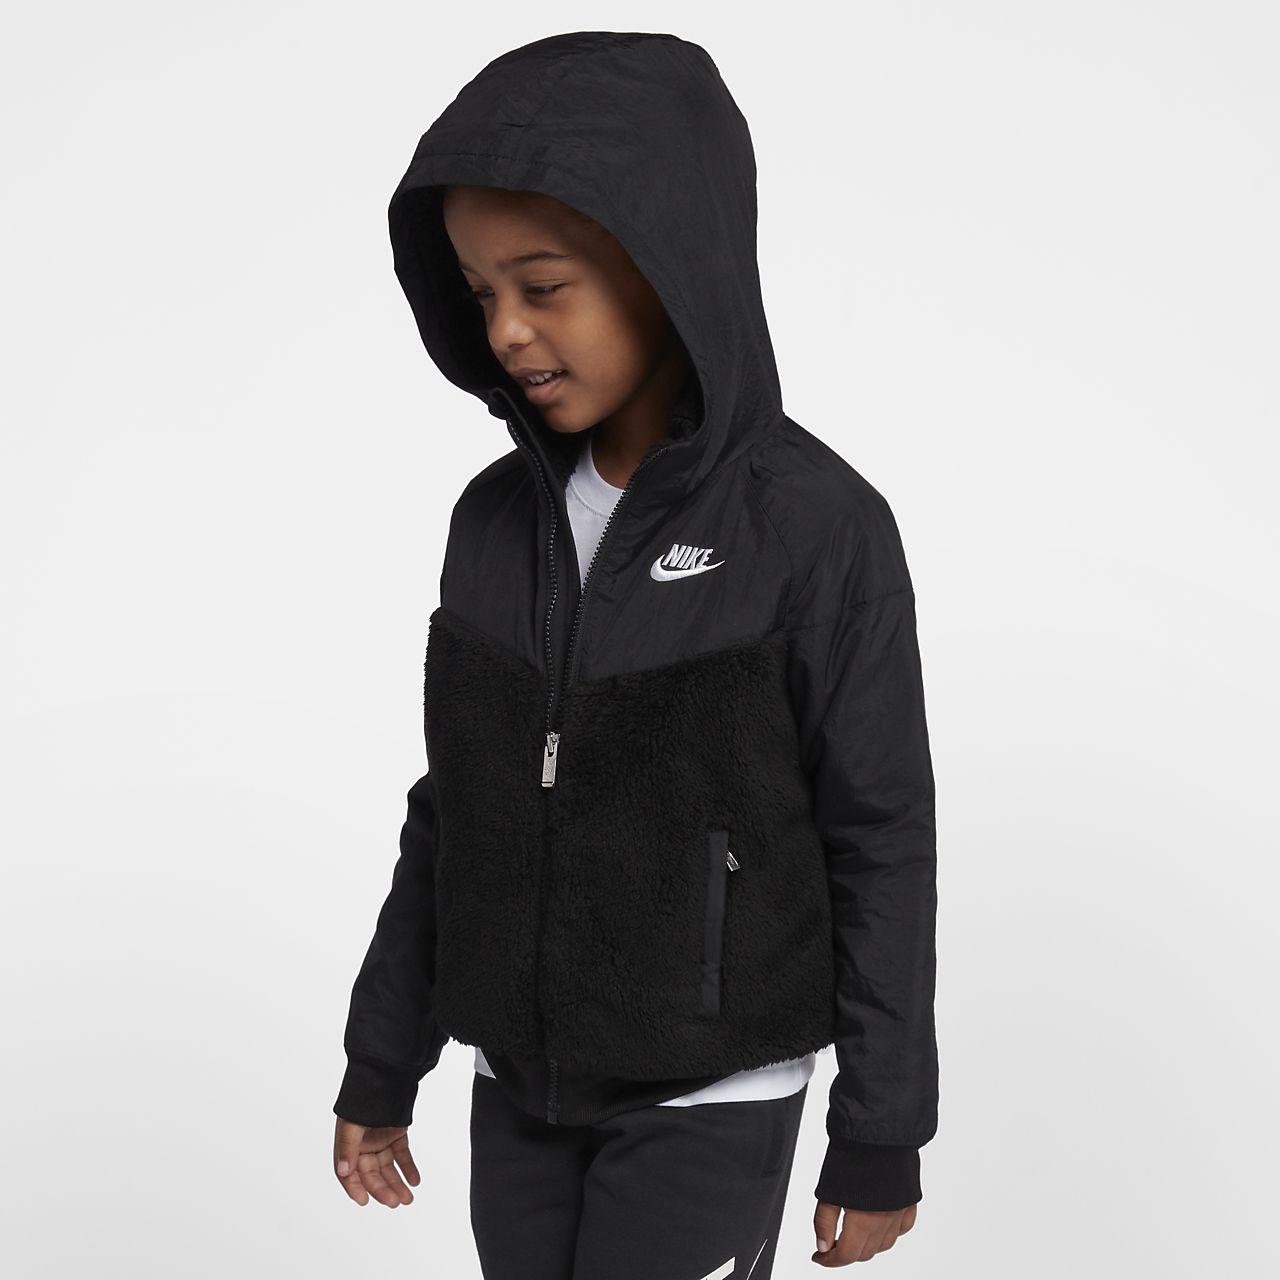 Für Jüngere Sherpa Windrunner Nike Sportswear Jacke Kinder D2W9IEH